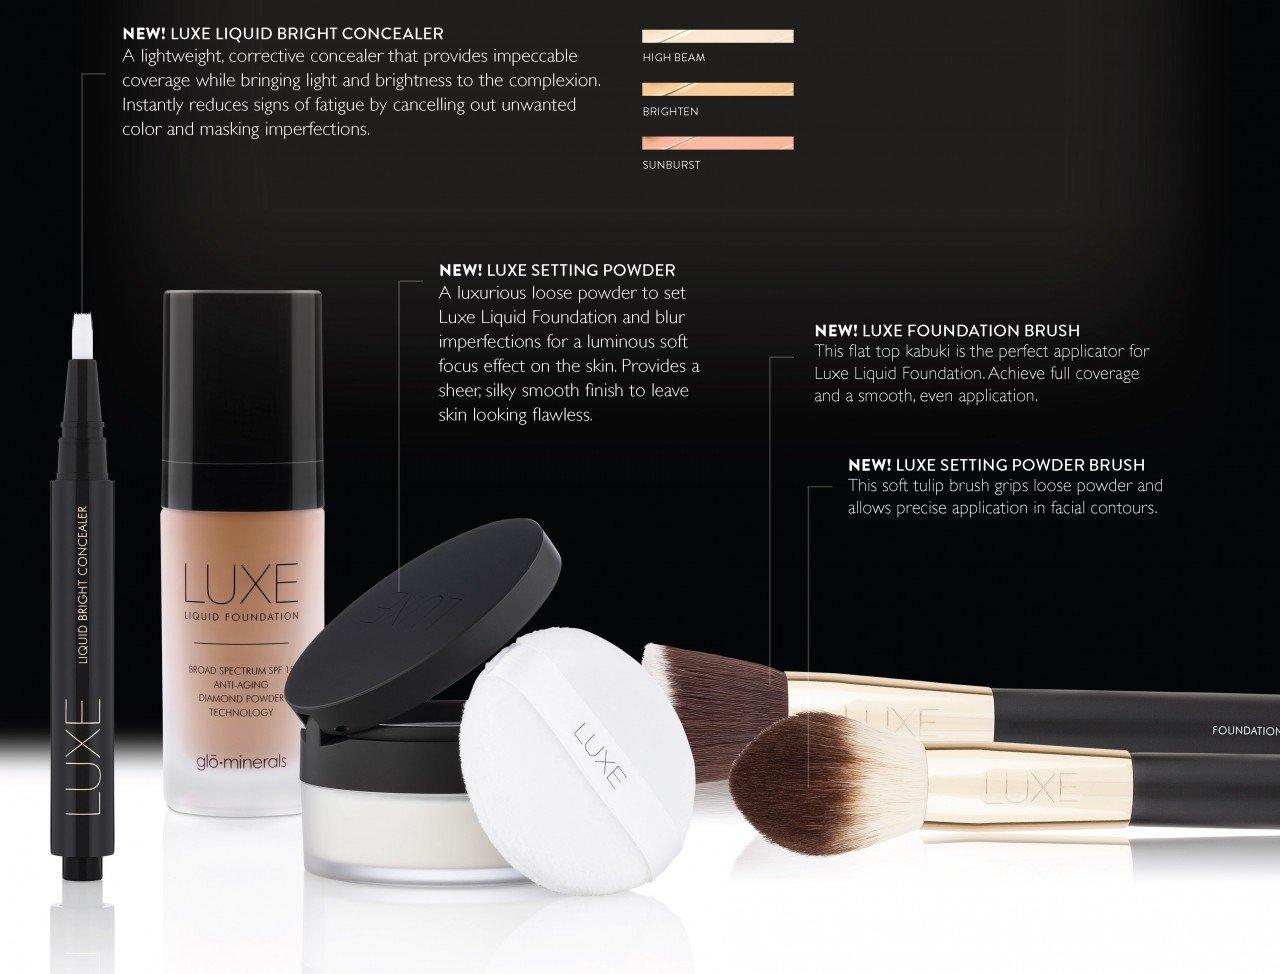 glo-minerals-luxe-liquid-concealer